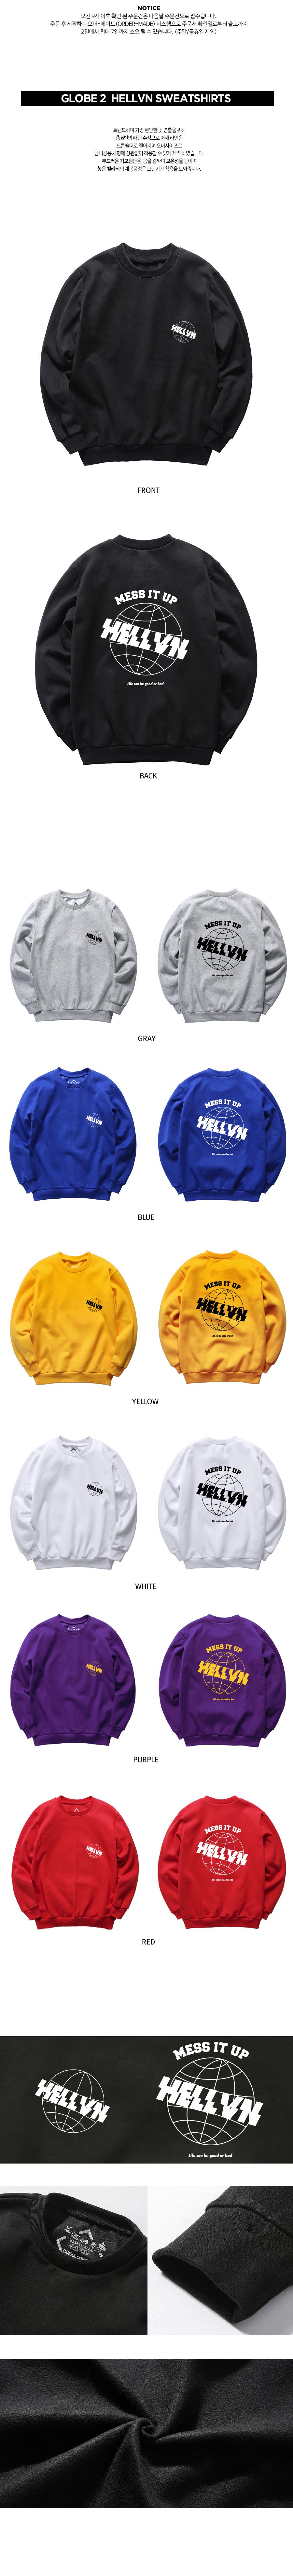 [헬븐] Globe 2 Hellvn Sweatshirts - 맨투맨 (SBMH8S-038)